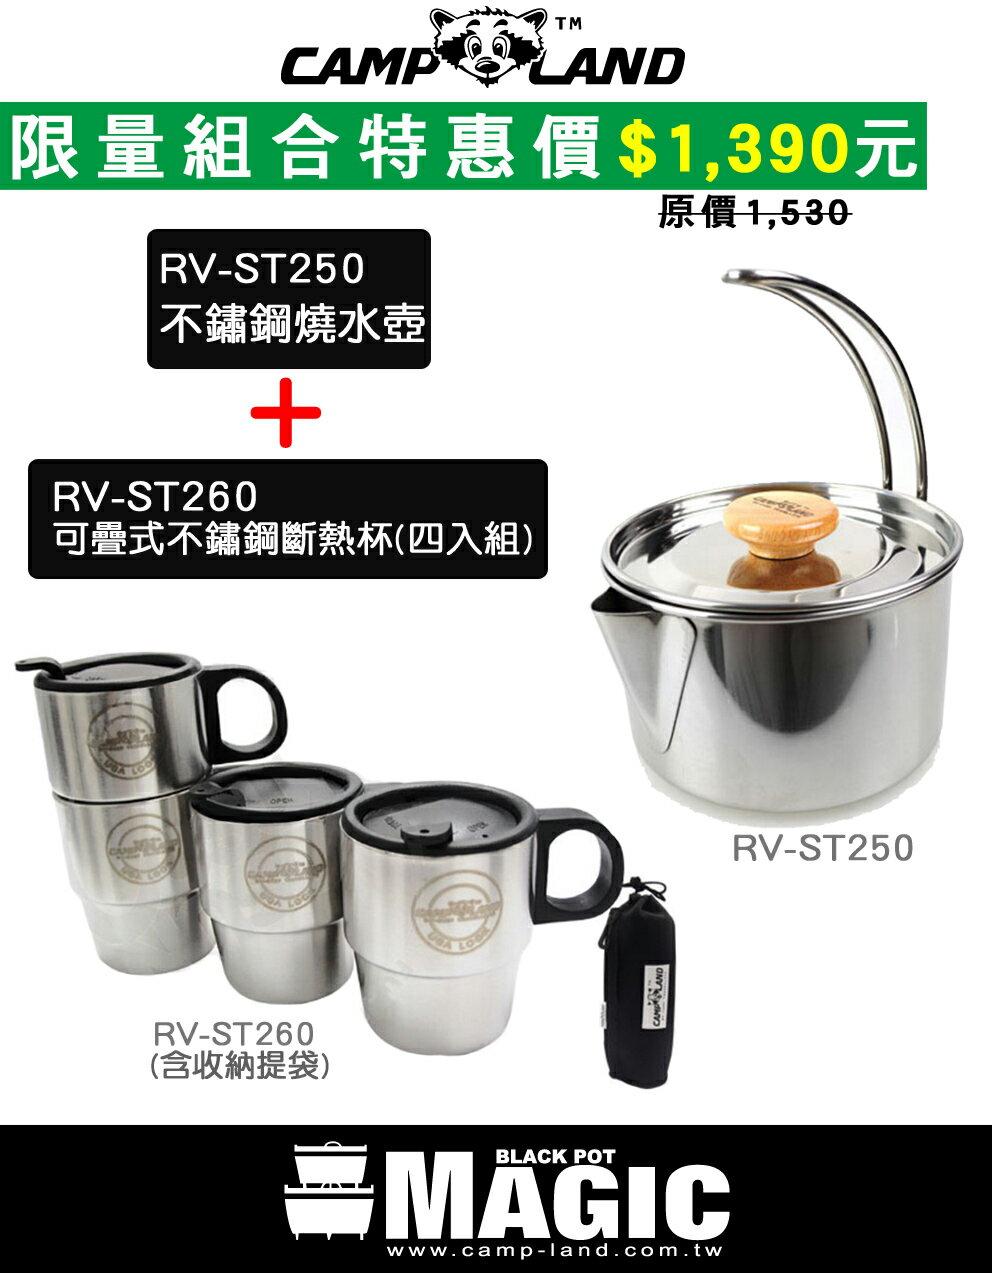 【露營趣】中和 CAMP LAND 限量特惠組 304材質 不鏽鋼燒水壺+可疊式不鏽鋼斷熱杯(4入) RV-ST250 + RV-ST260